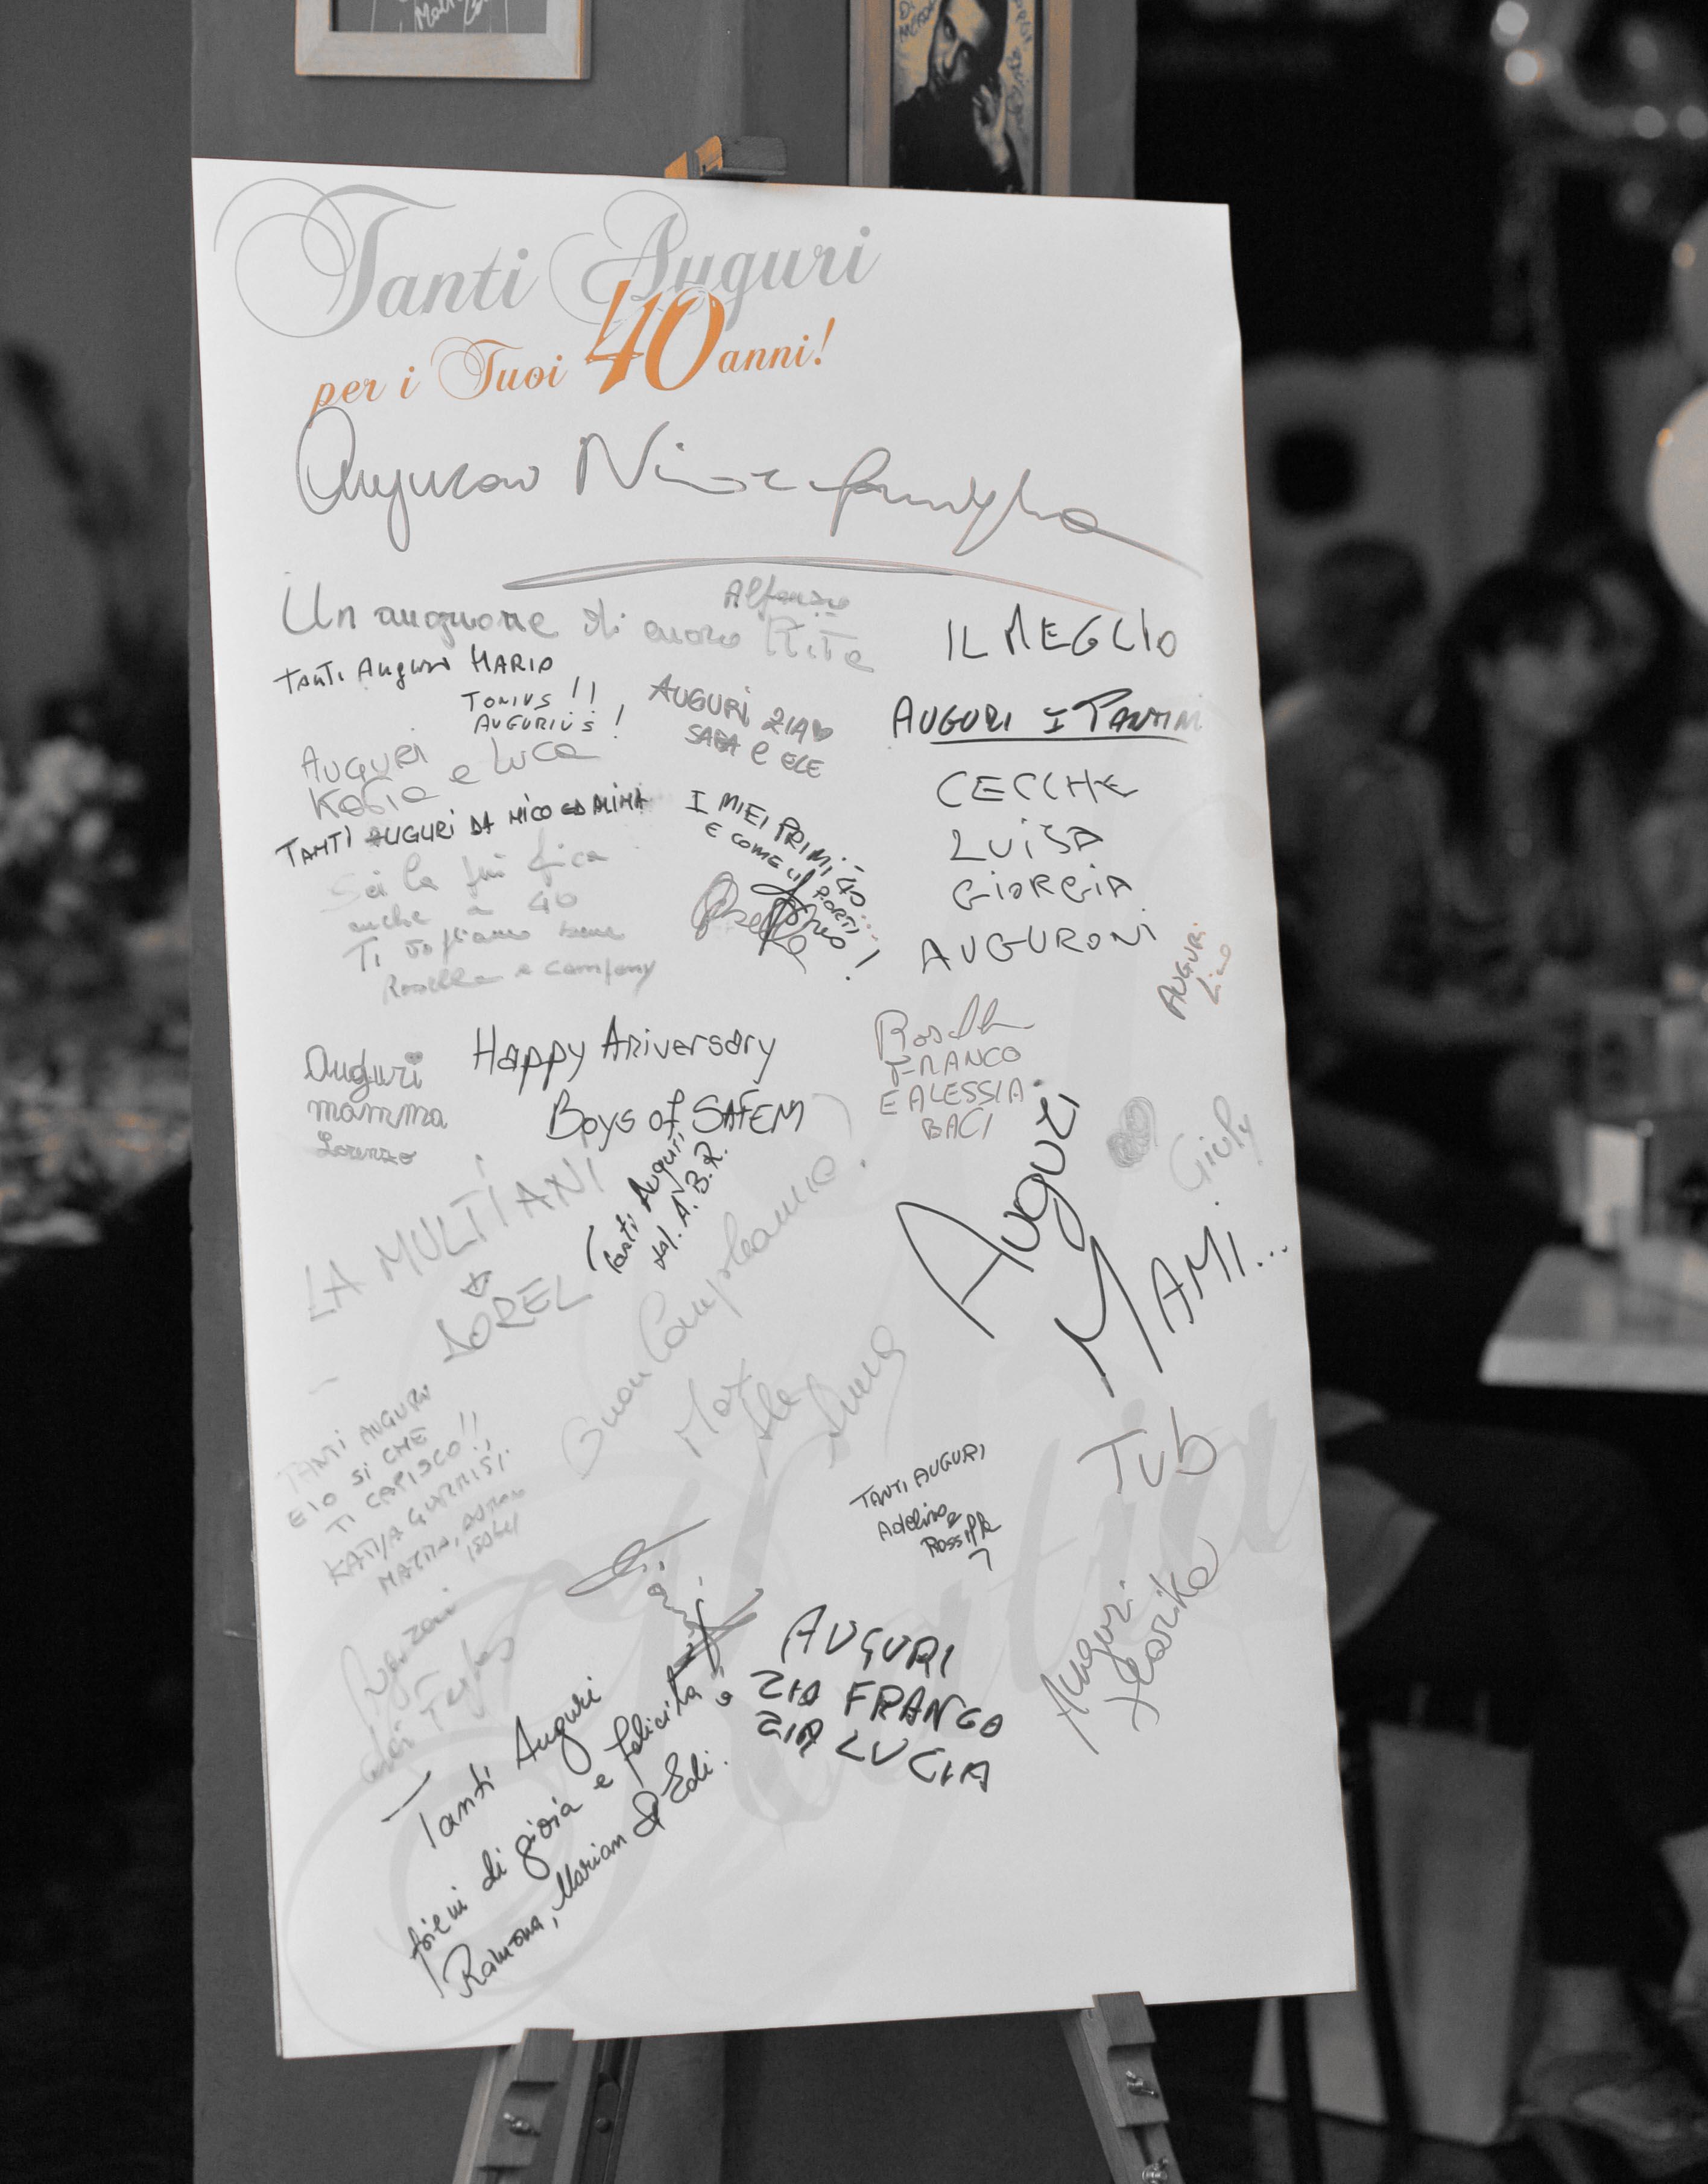 Sorprese Per Un Compleanno organizzazione festa e party a torino, idee originali per